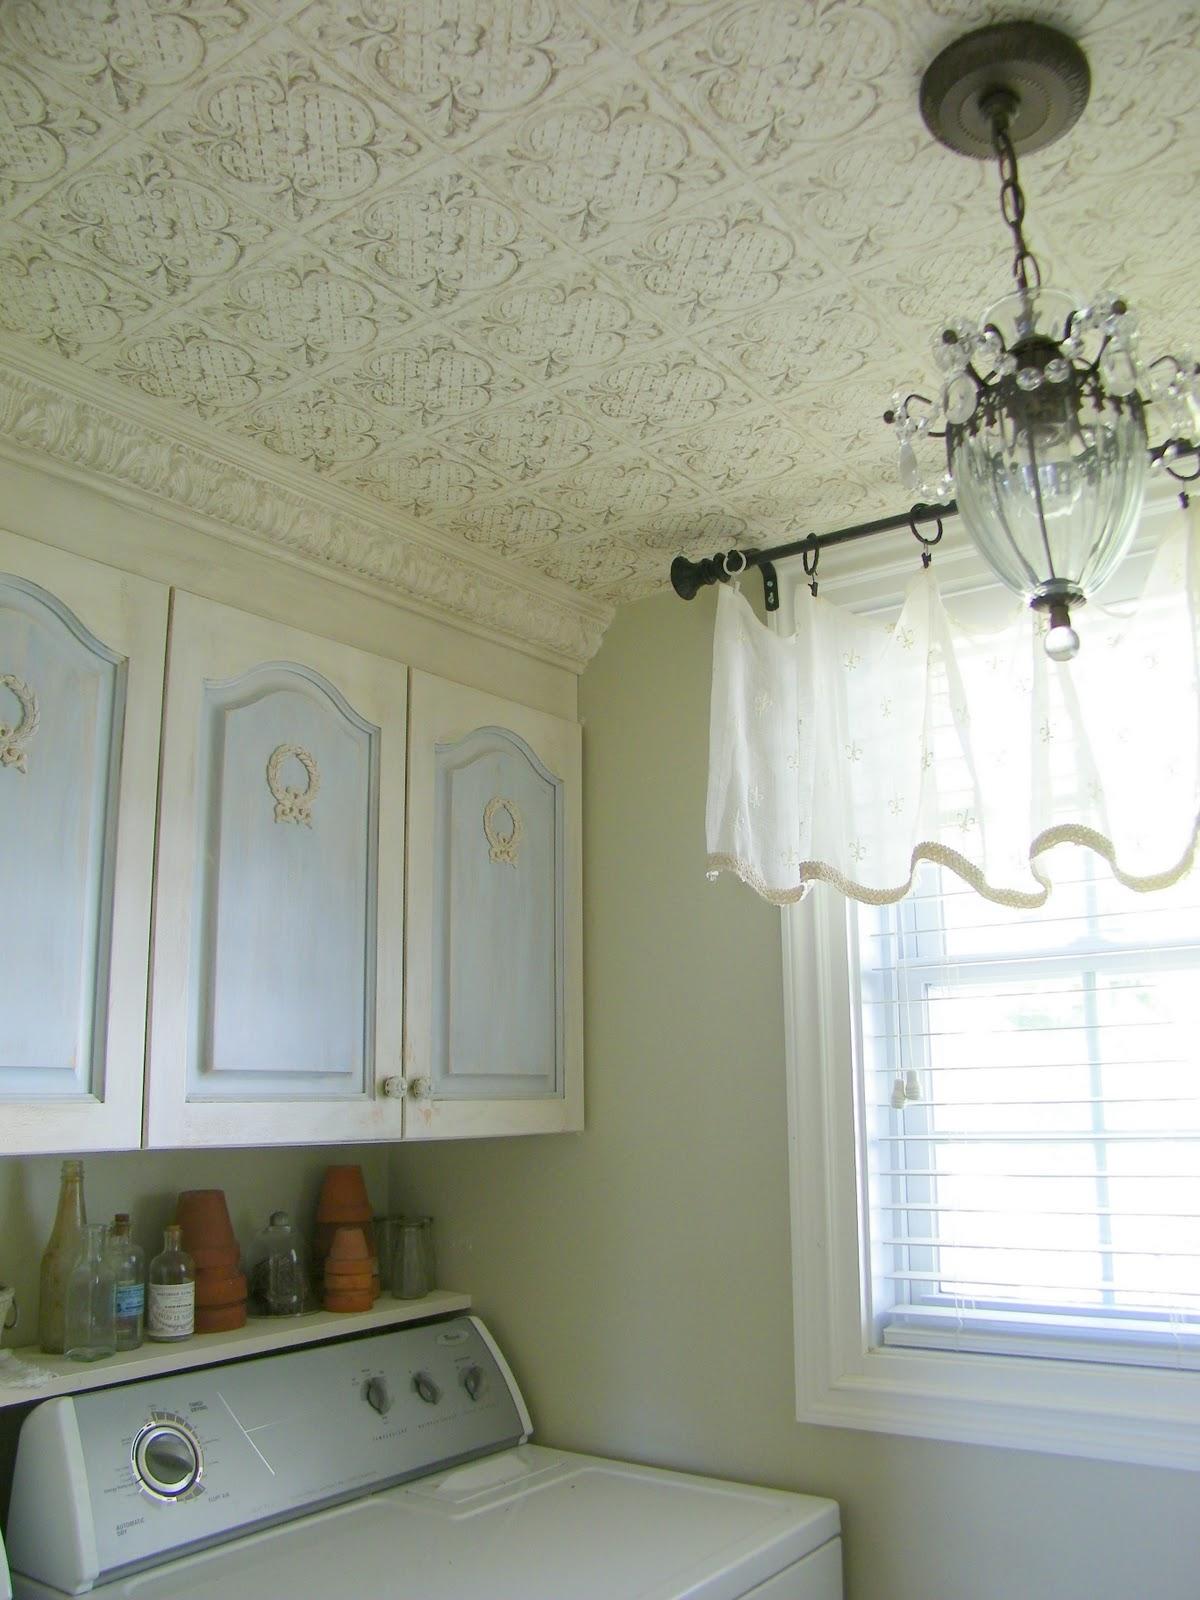 Maison Decor Tin Ceilings